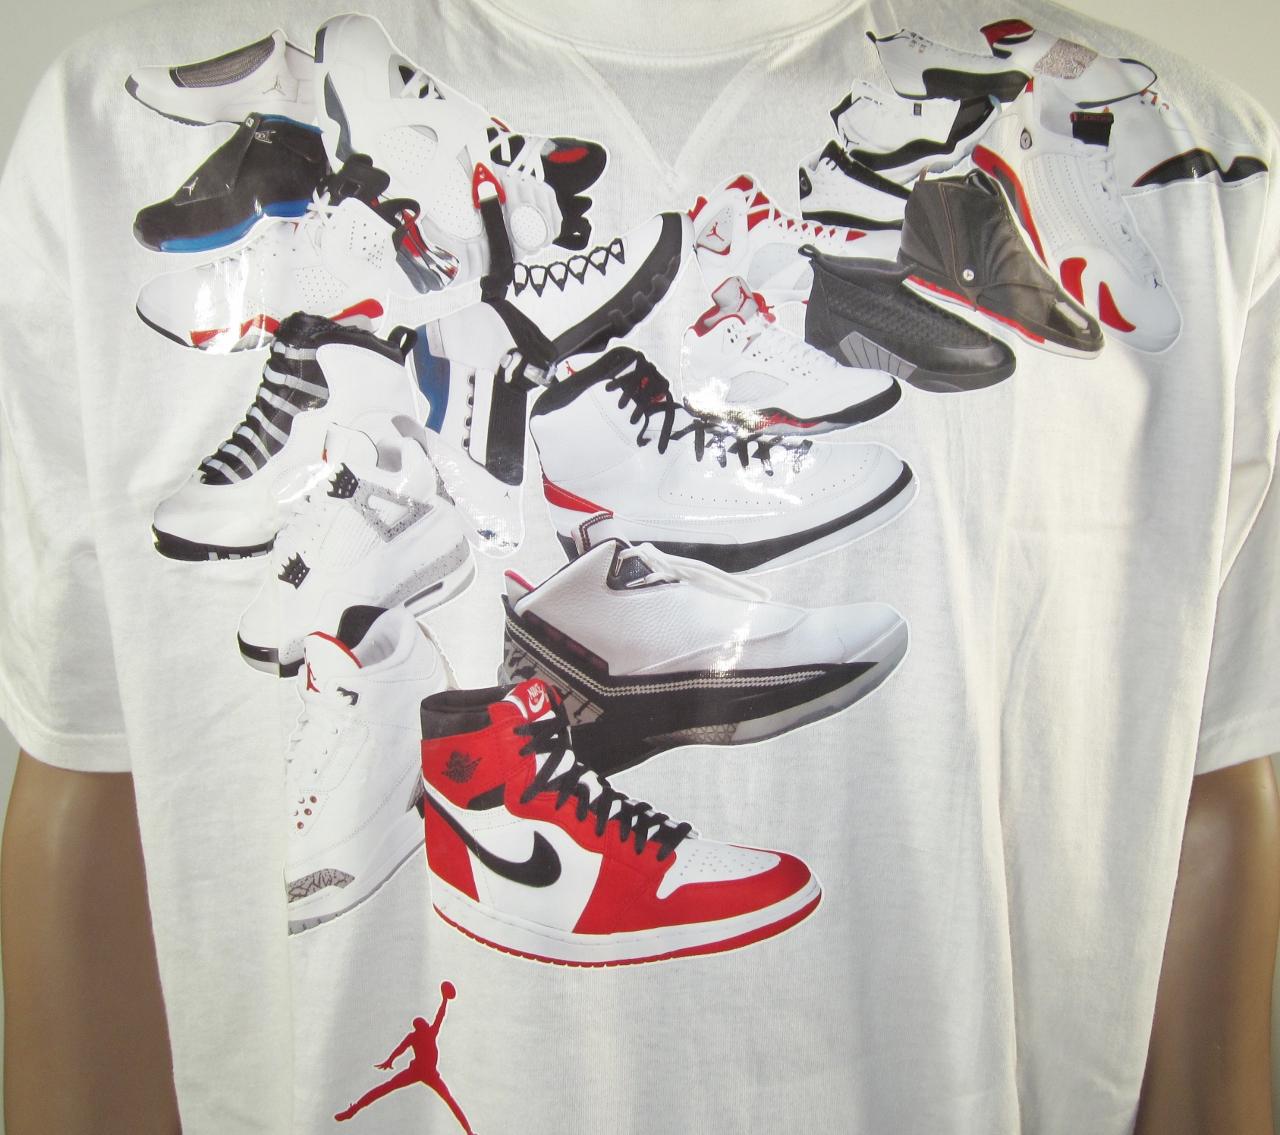 Nike Air Jordan Images Sur Les Chemises